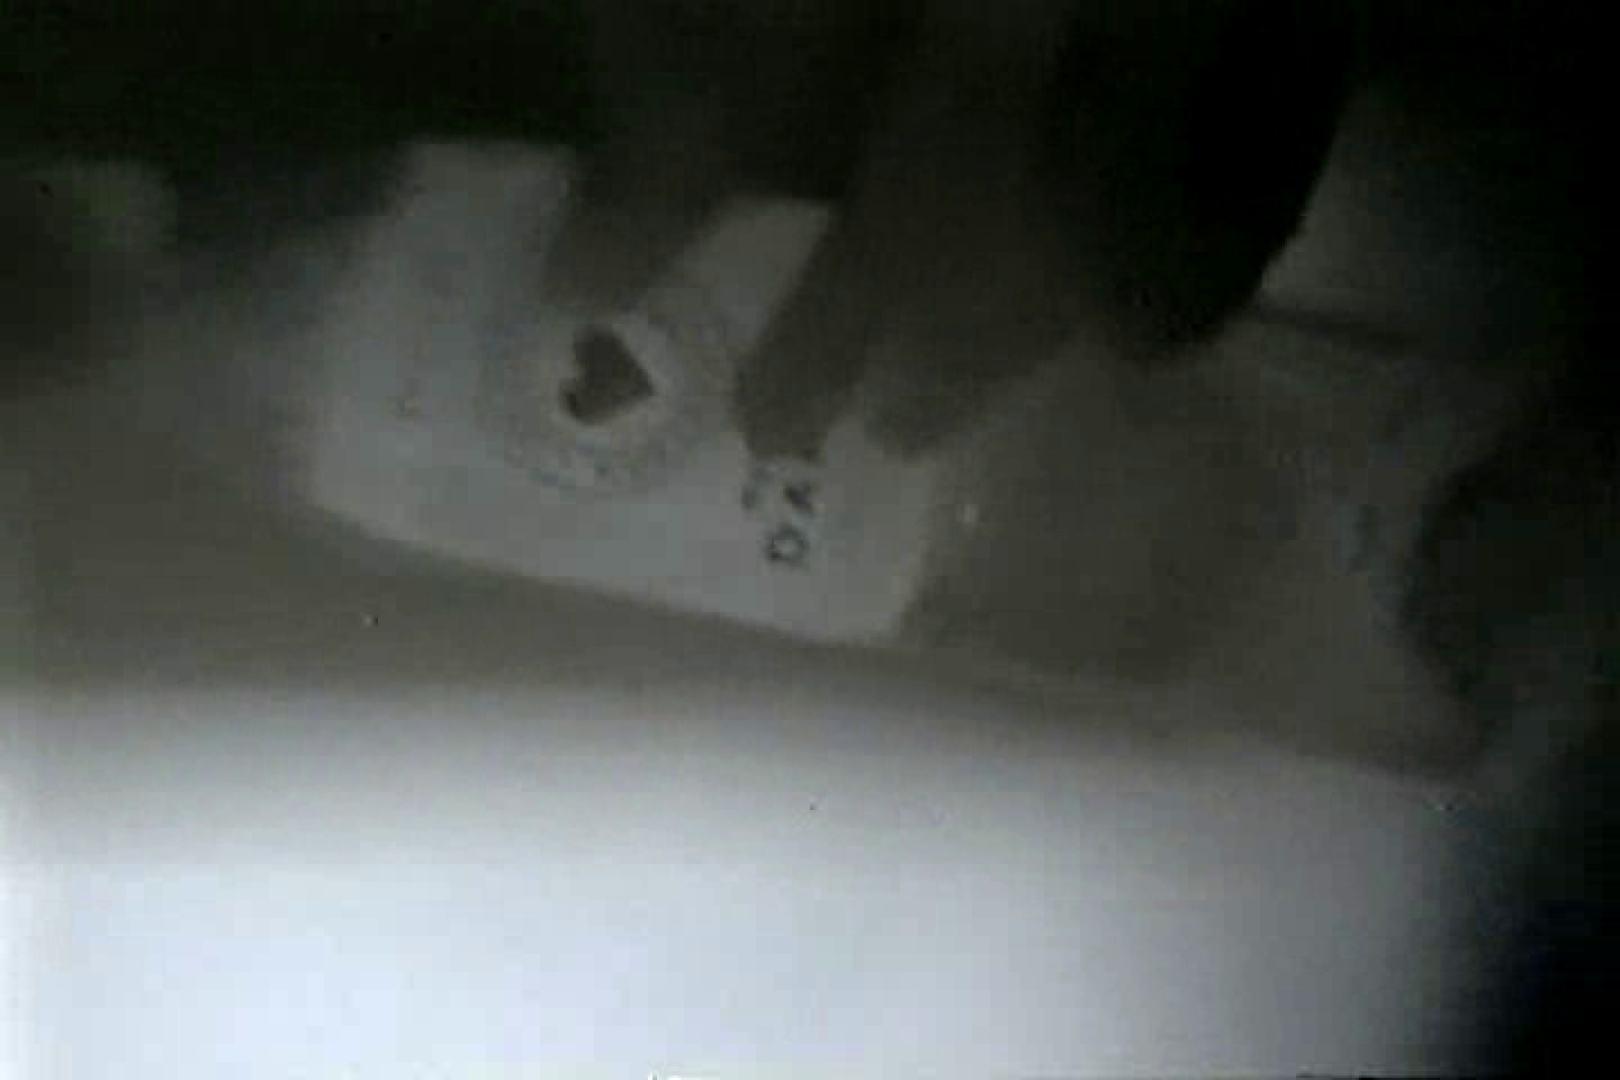 深夜の撮影会Vol.6 オナニーDEエッチ セックス画像 109PIX 108